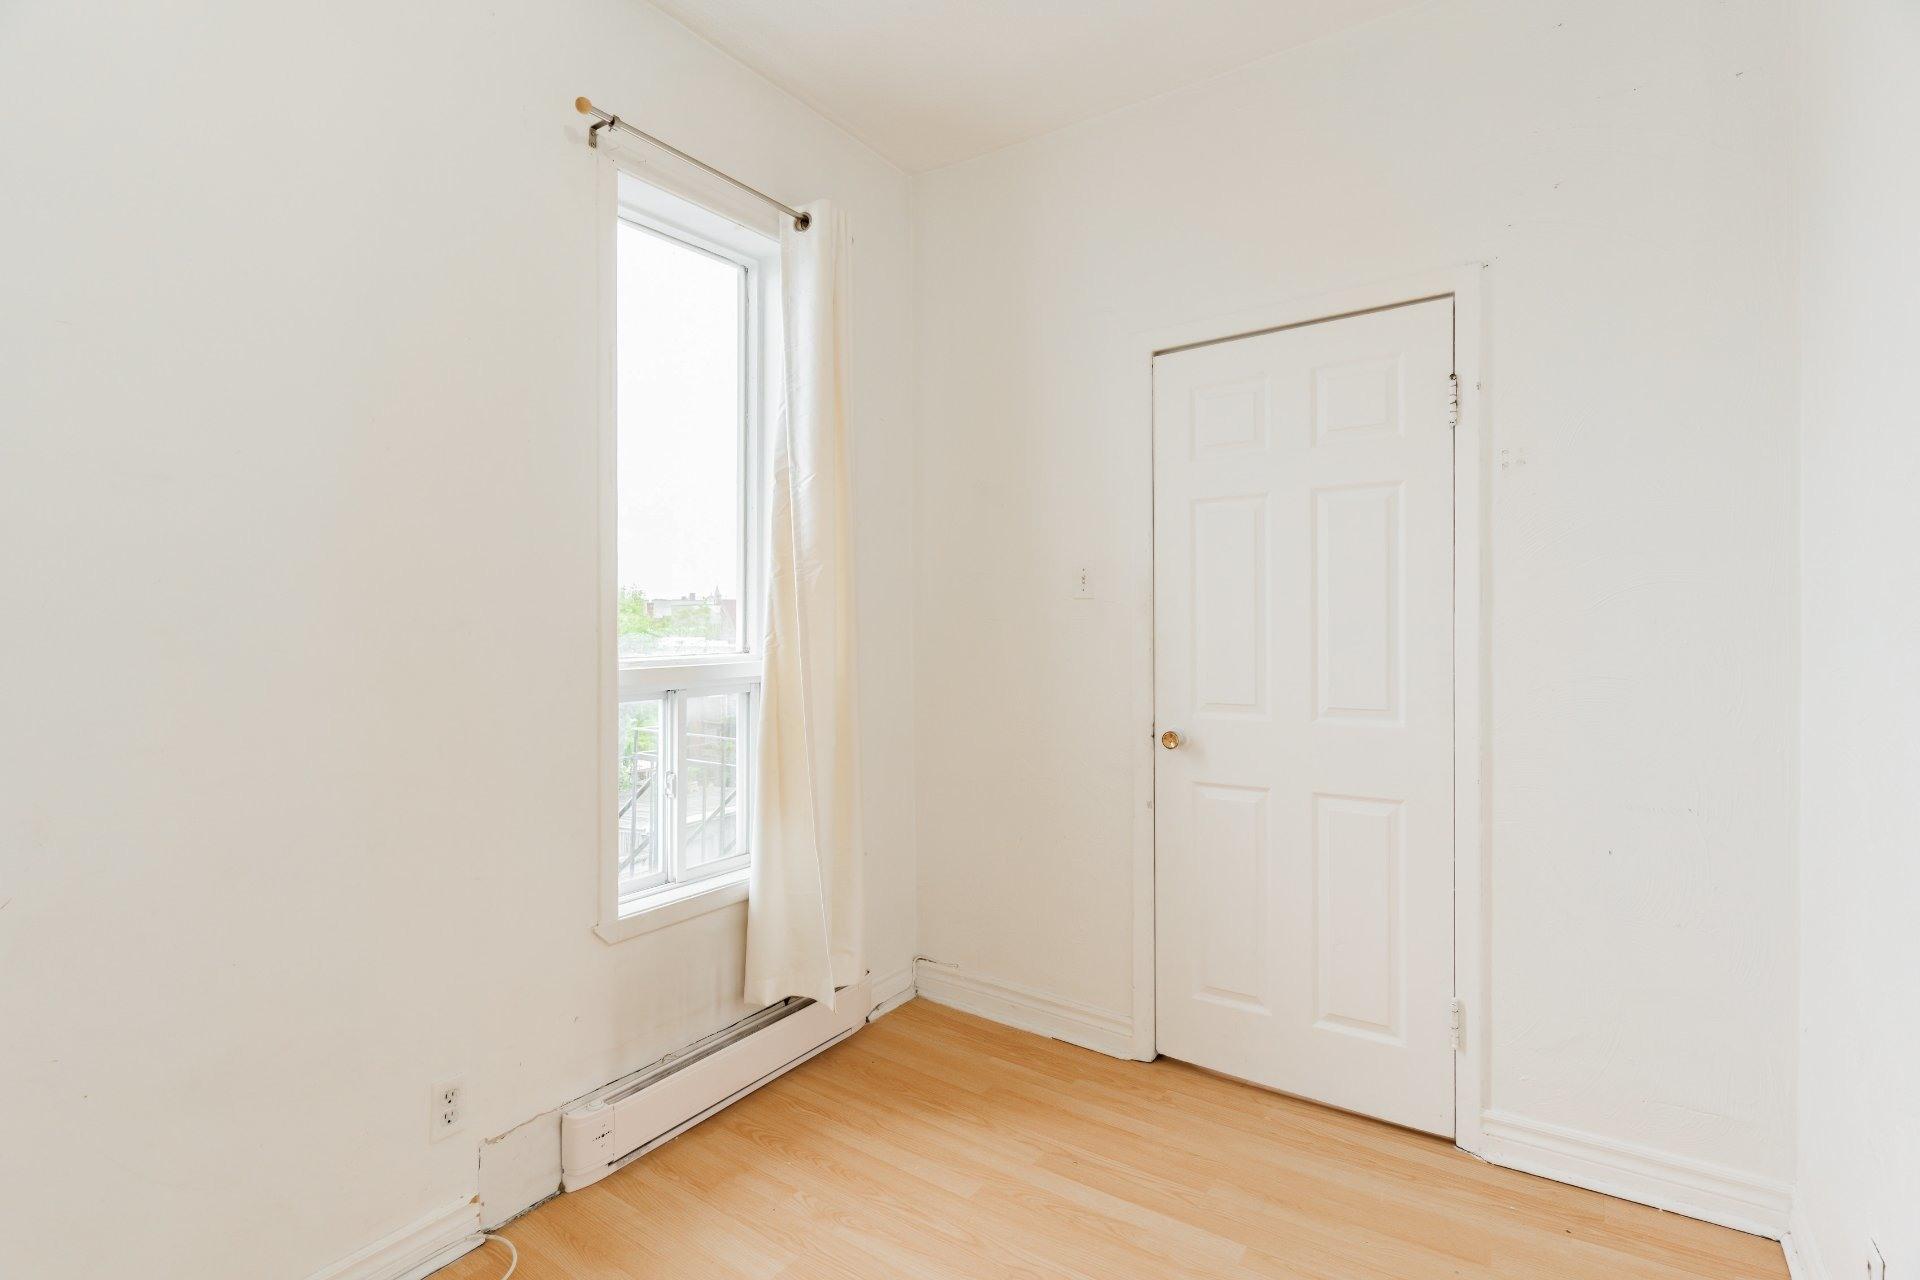 image 15 - Appartement À louer Rosemont/La Petite-Patrie Montréal  - 5 pièces